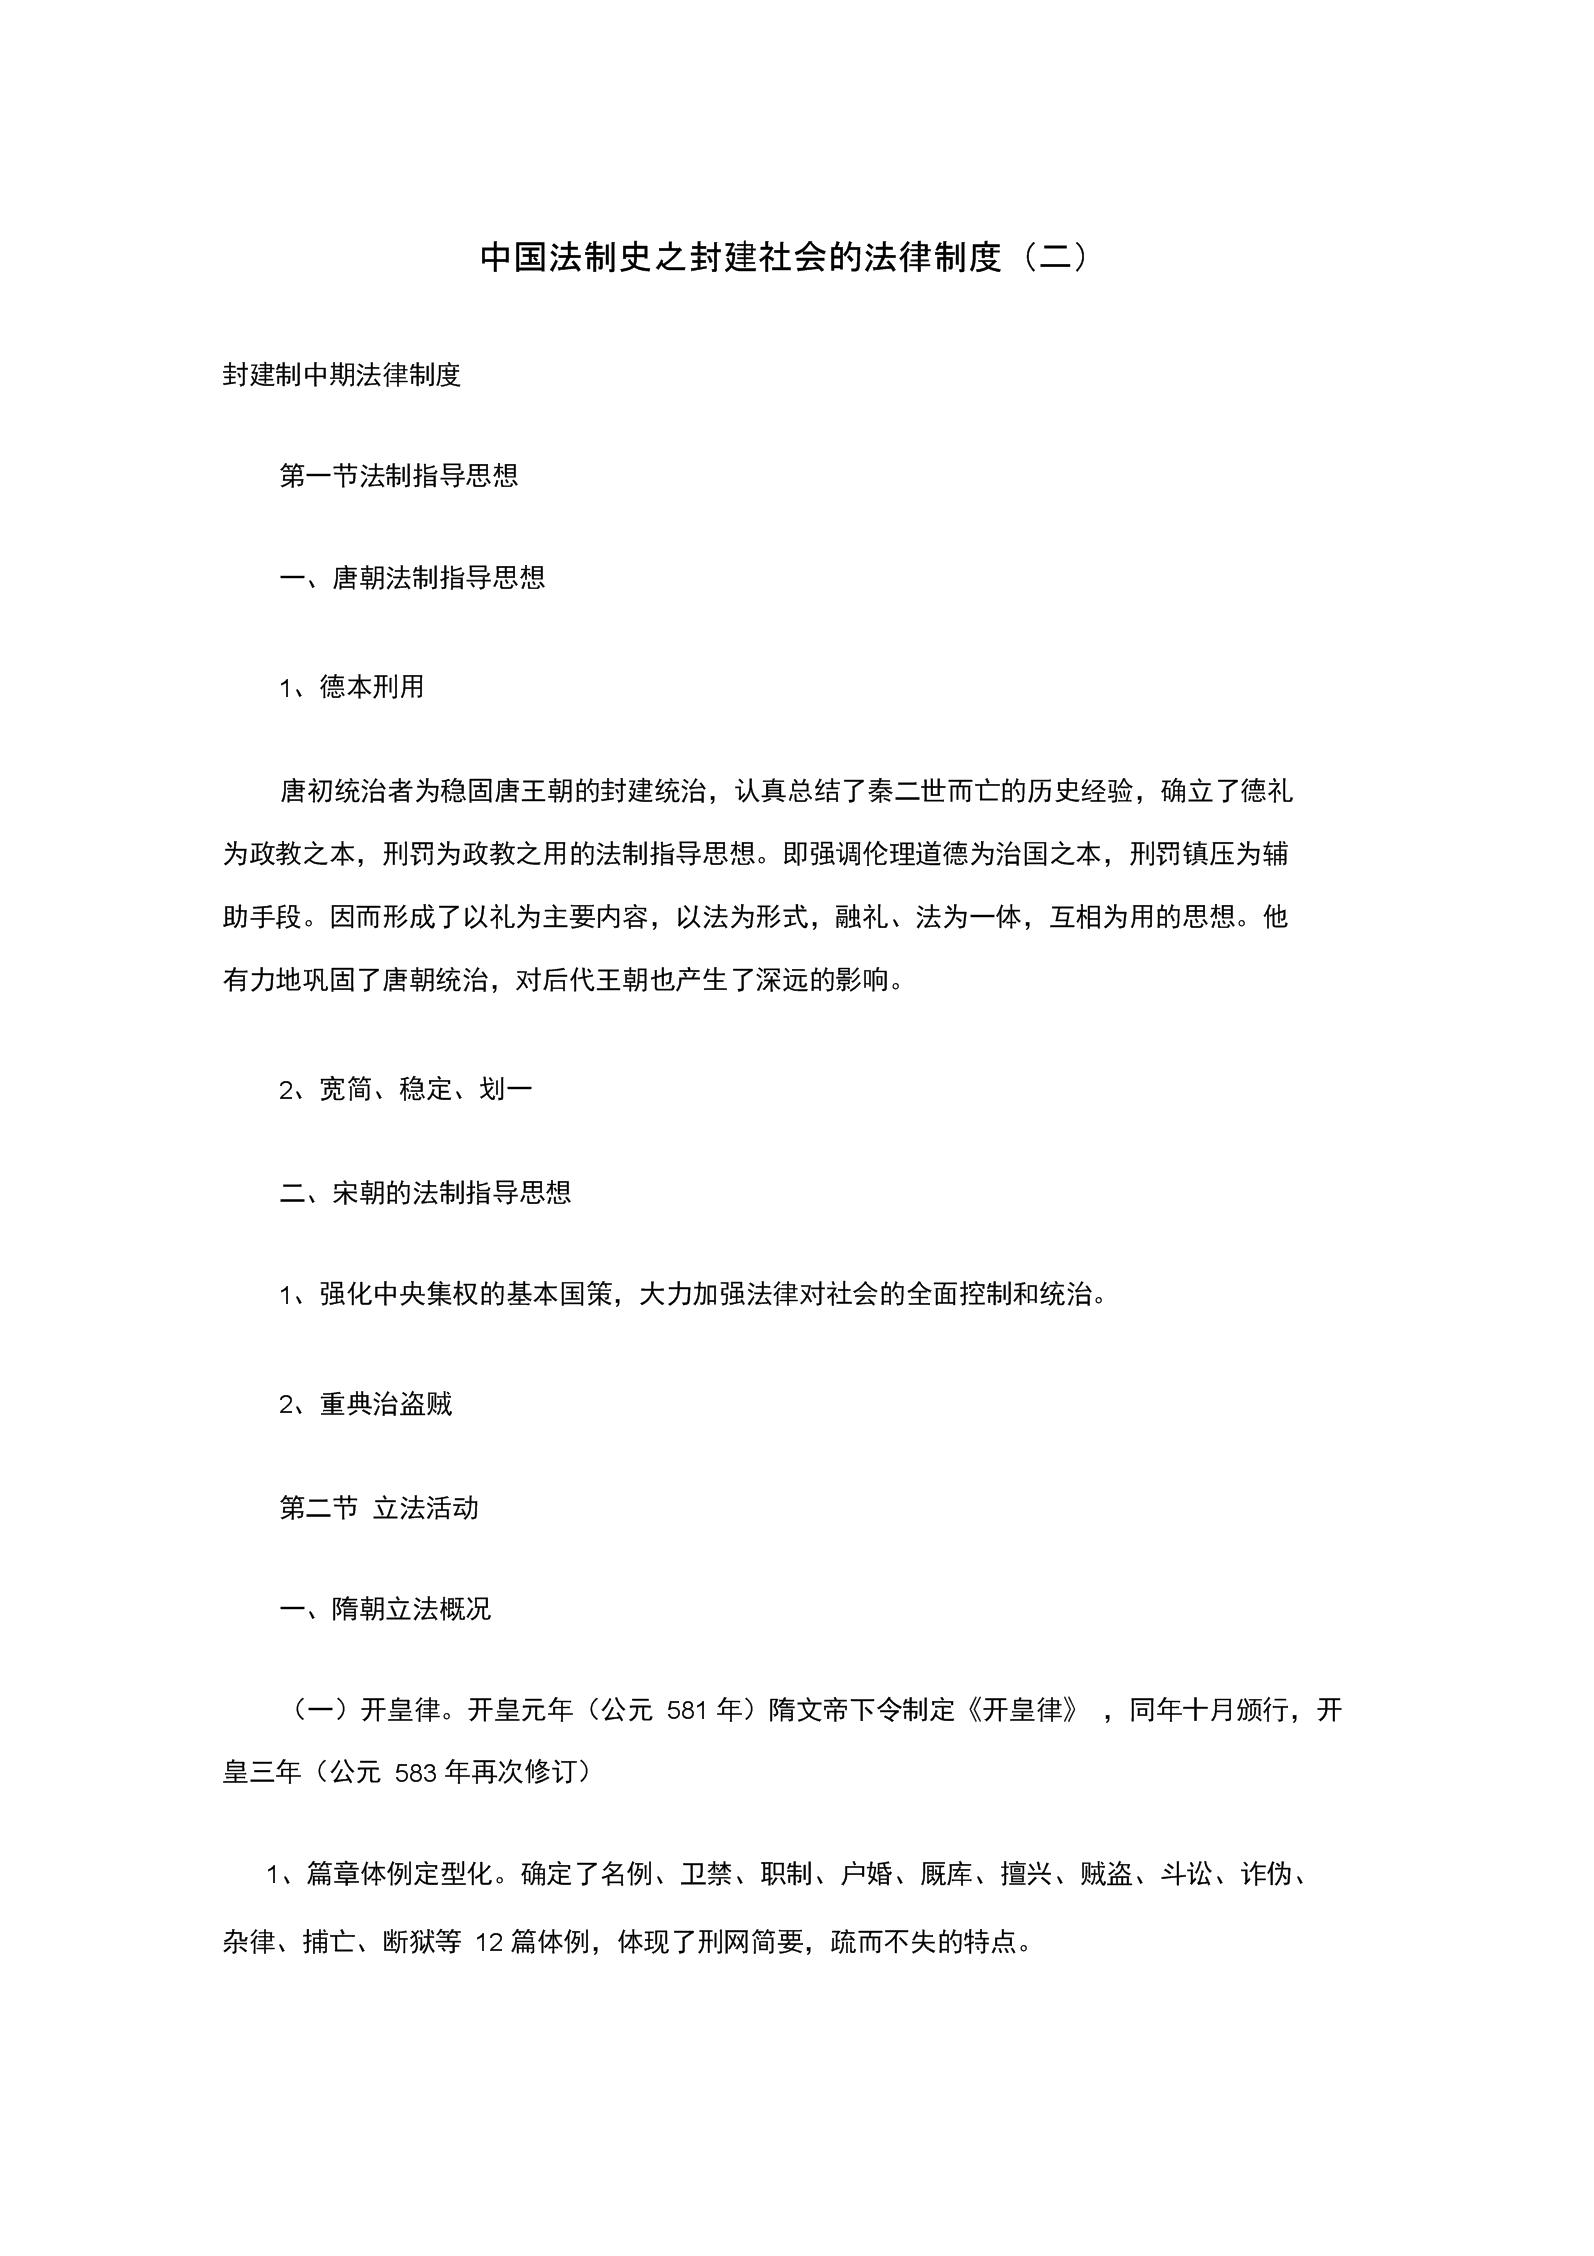 中国法制史之封建社会的法律制度(二).docx